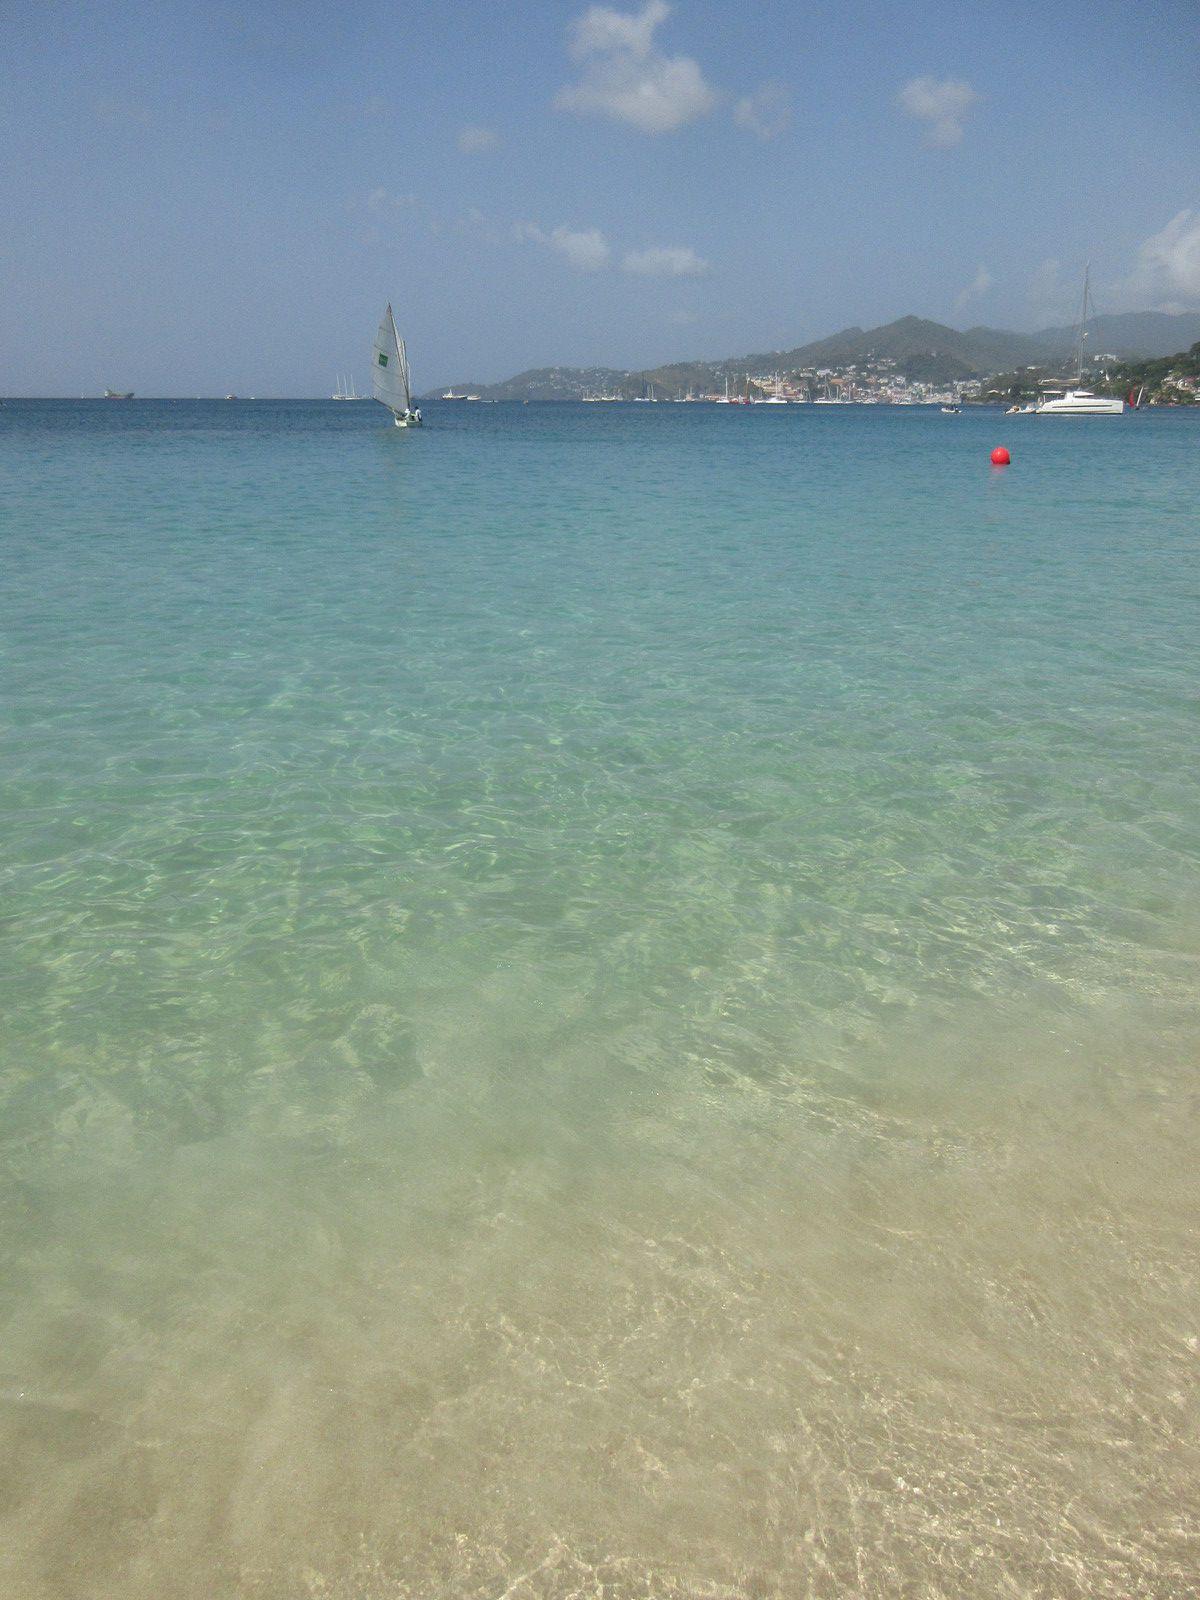 129ème pays visité : GRENADE, l'île aux épices